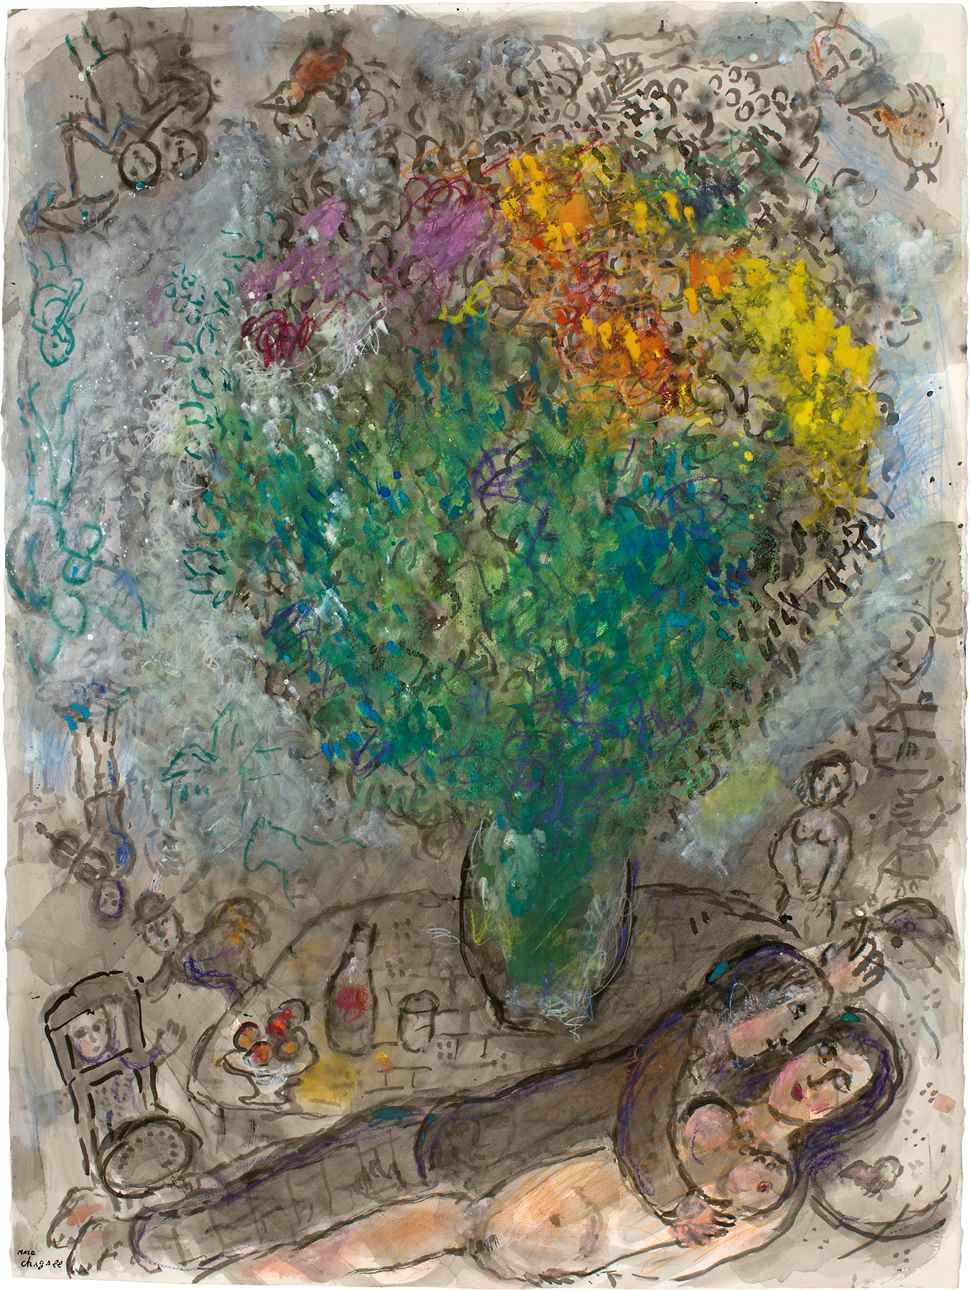 Couple Allongé au Grand Bouquet - Marc Chagall (1887 - 1985)